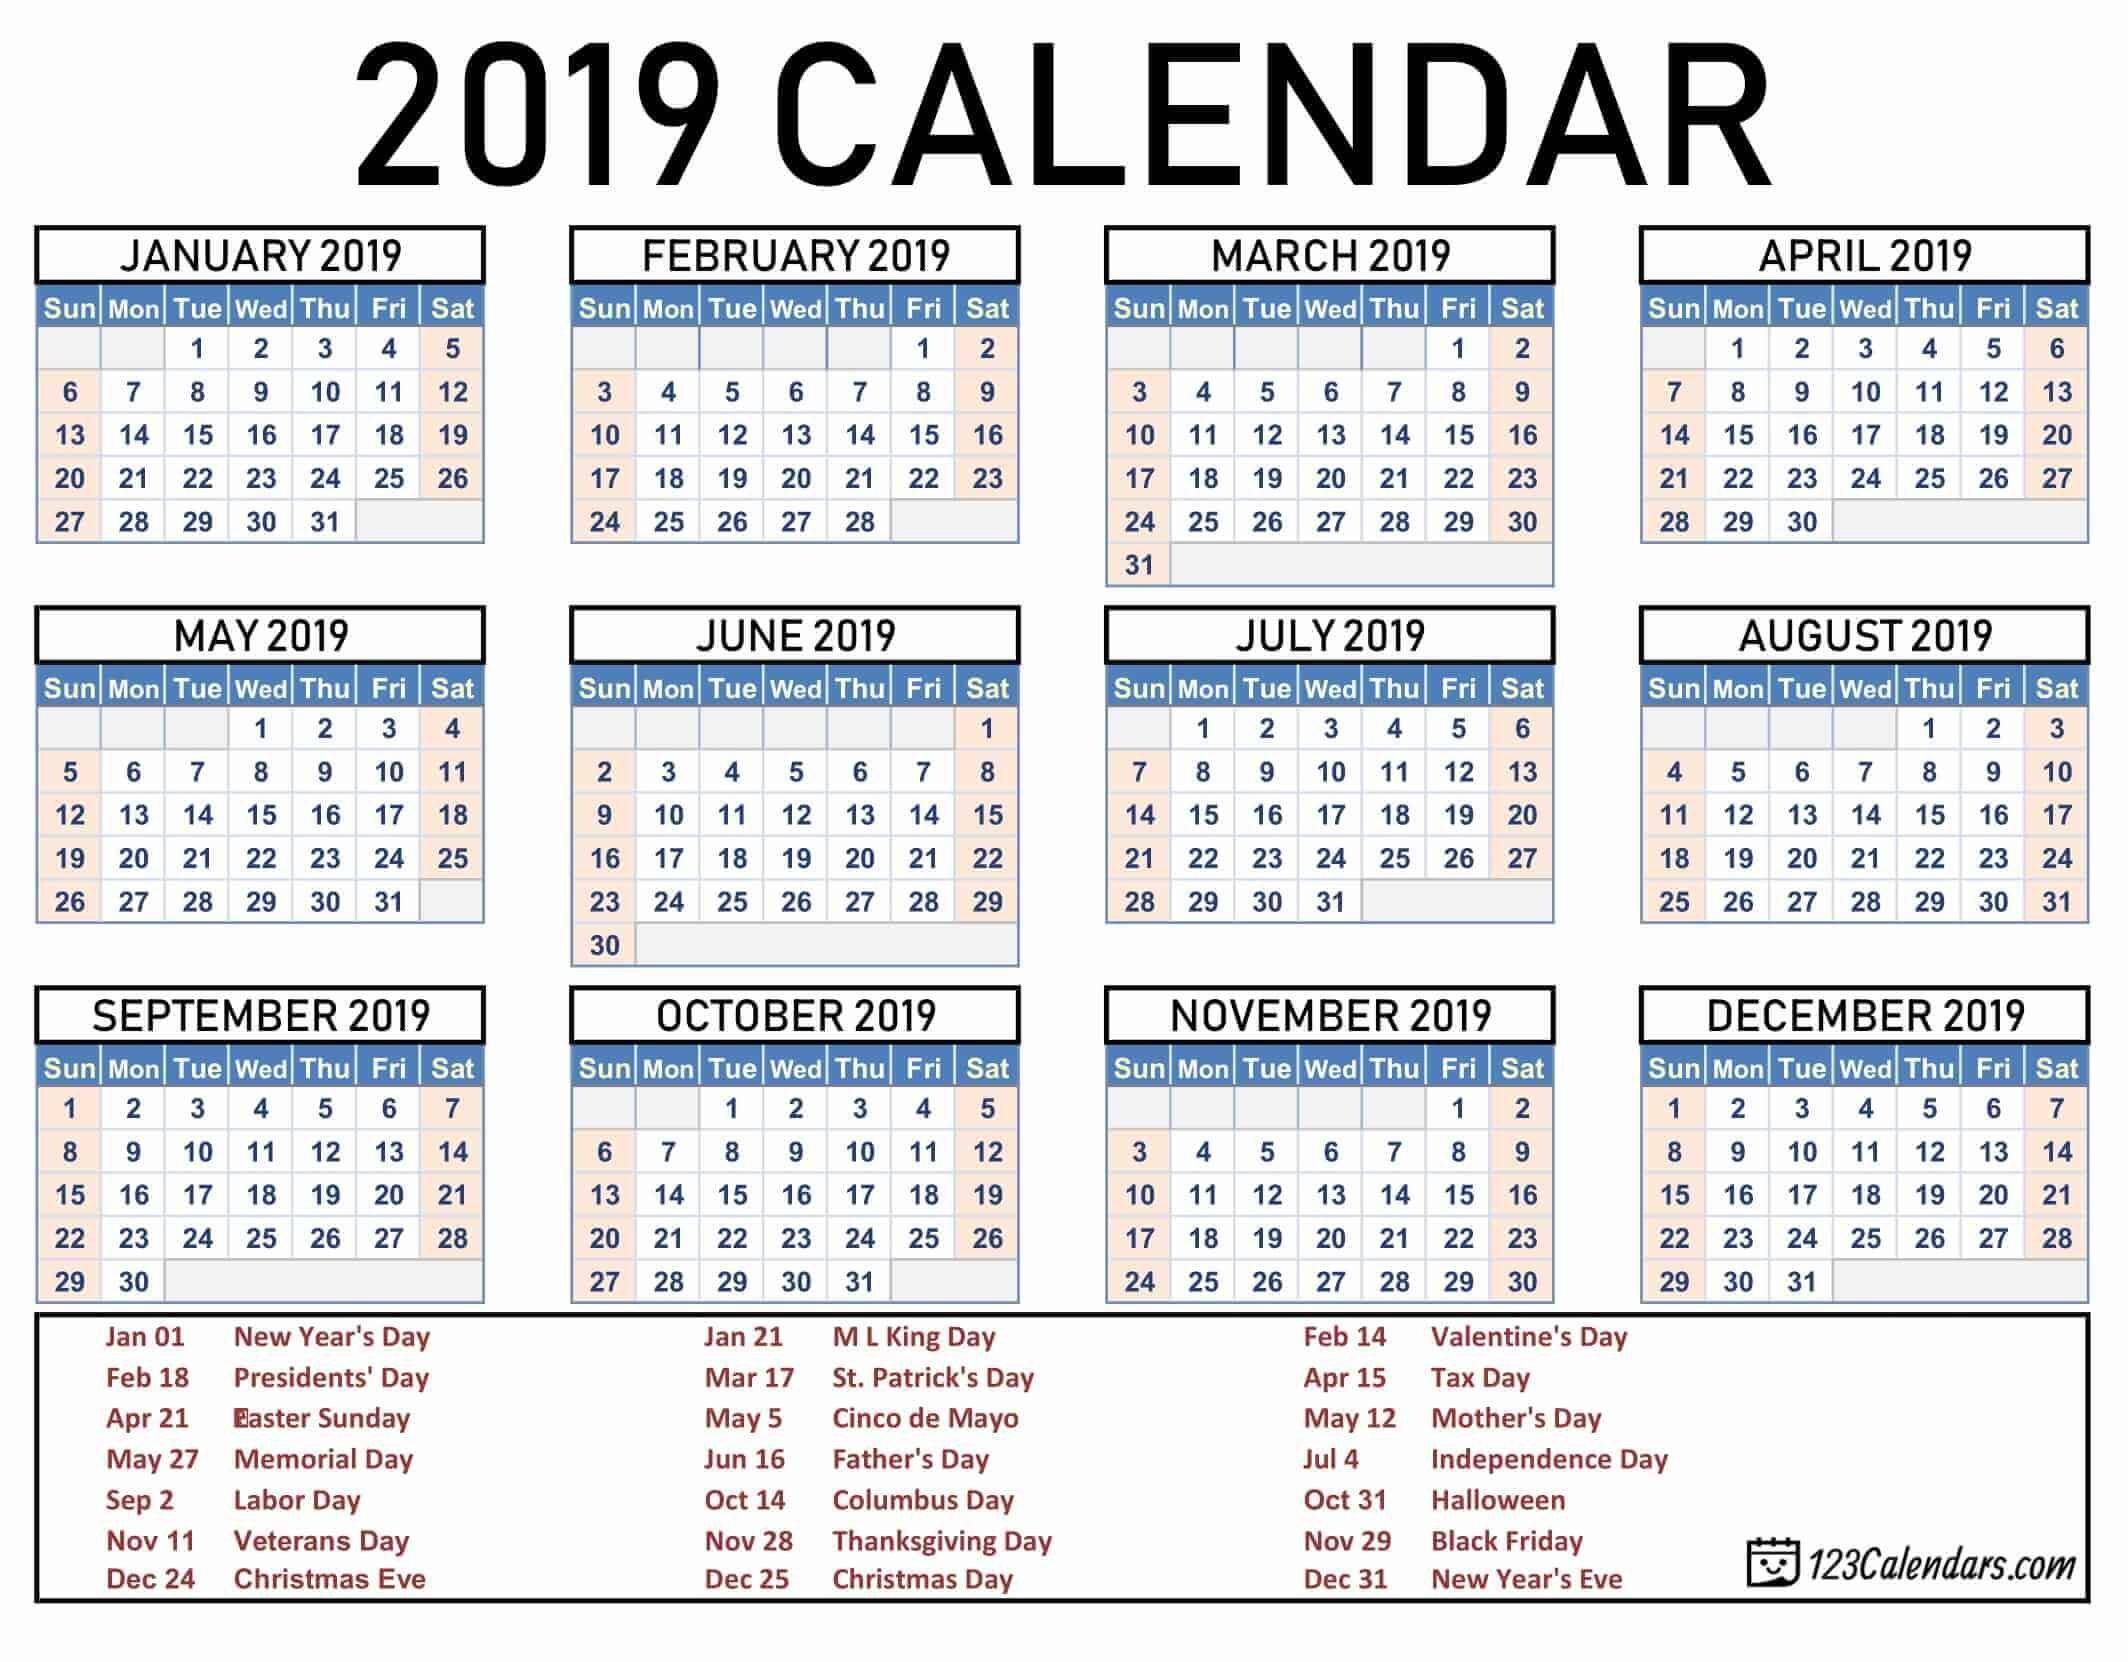 Free Printable 2019 Calendar | 123Calendars Calendar 2019 Images